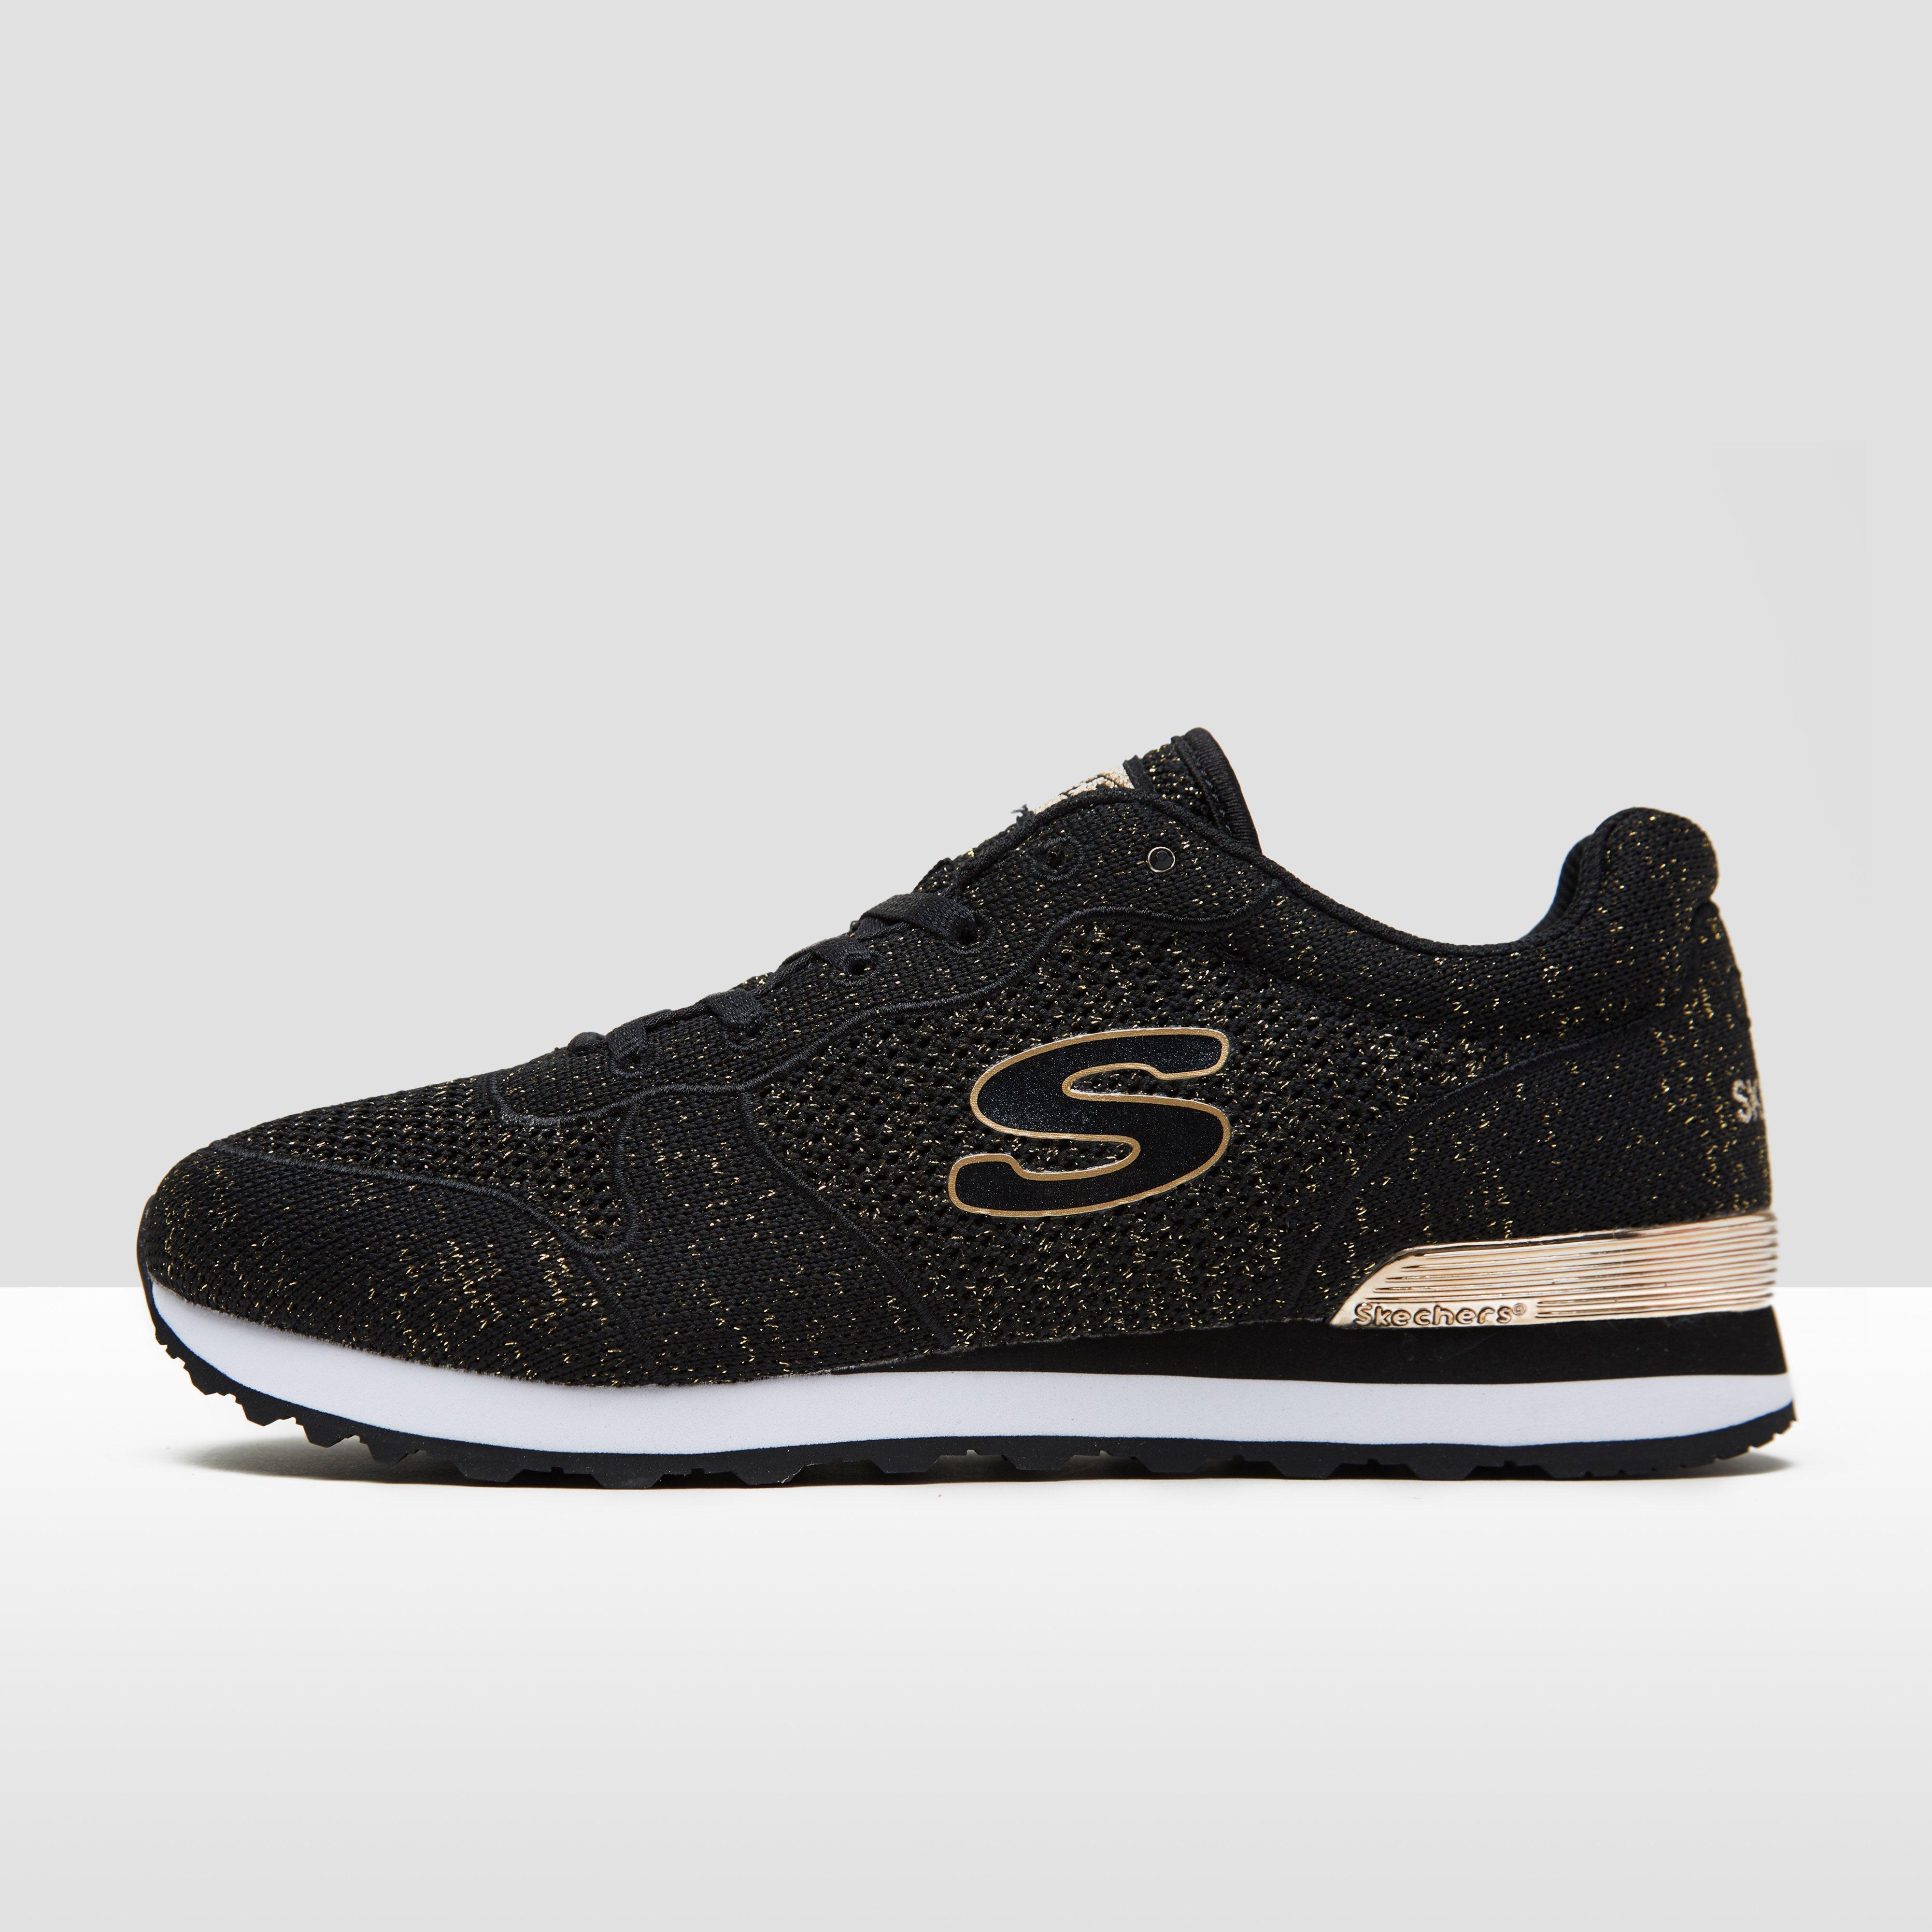 Noir Skechers Chaussures Enfants Pour Femmes gx9EjfhLqs